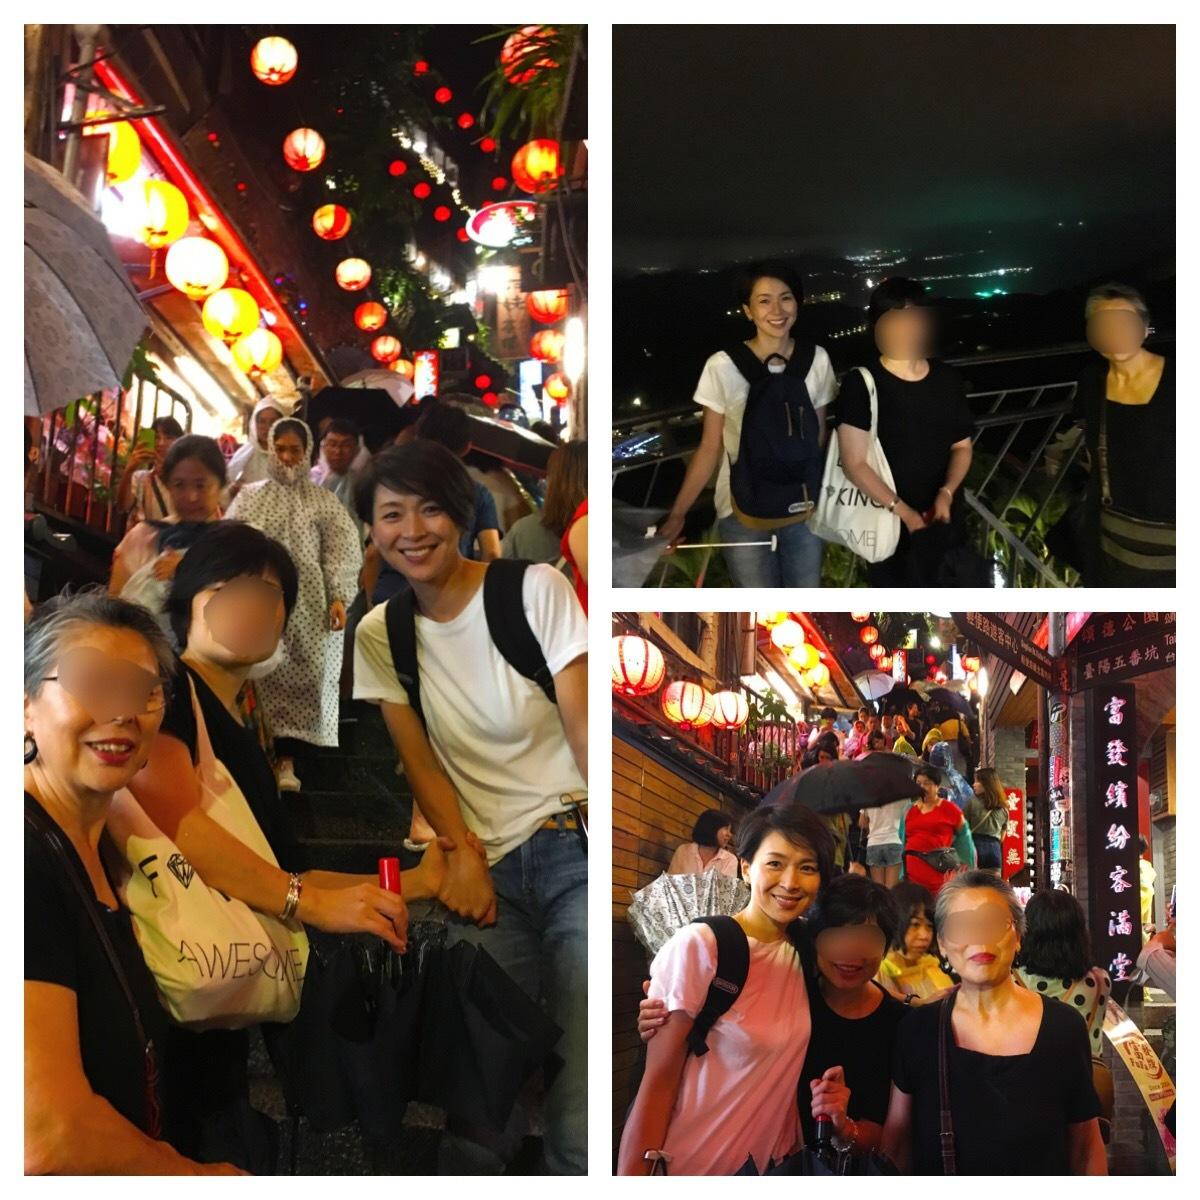 ただいま〜台湾旅行〜_e0192821_11165050.jpg